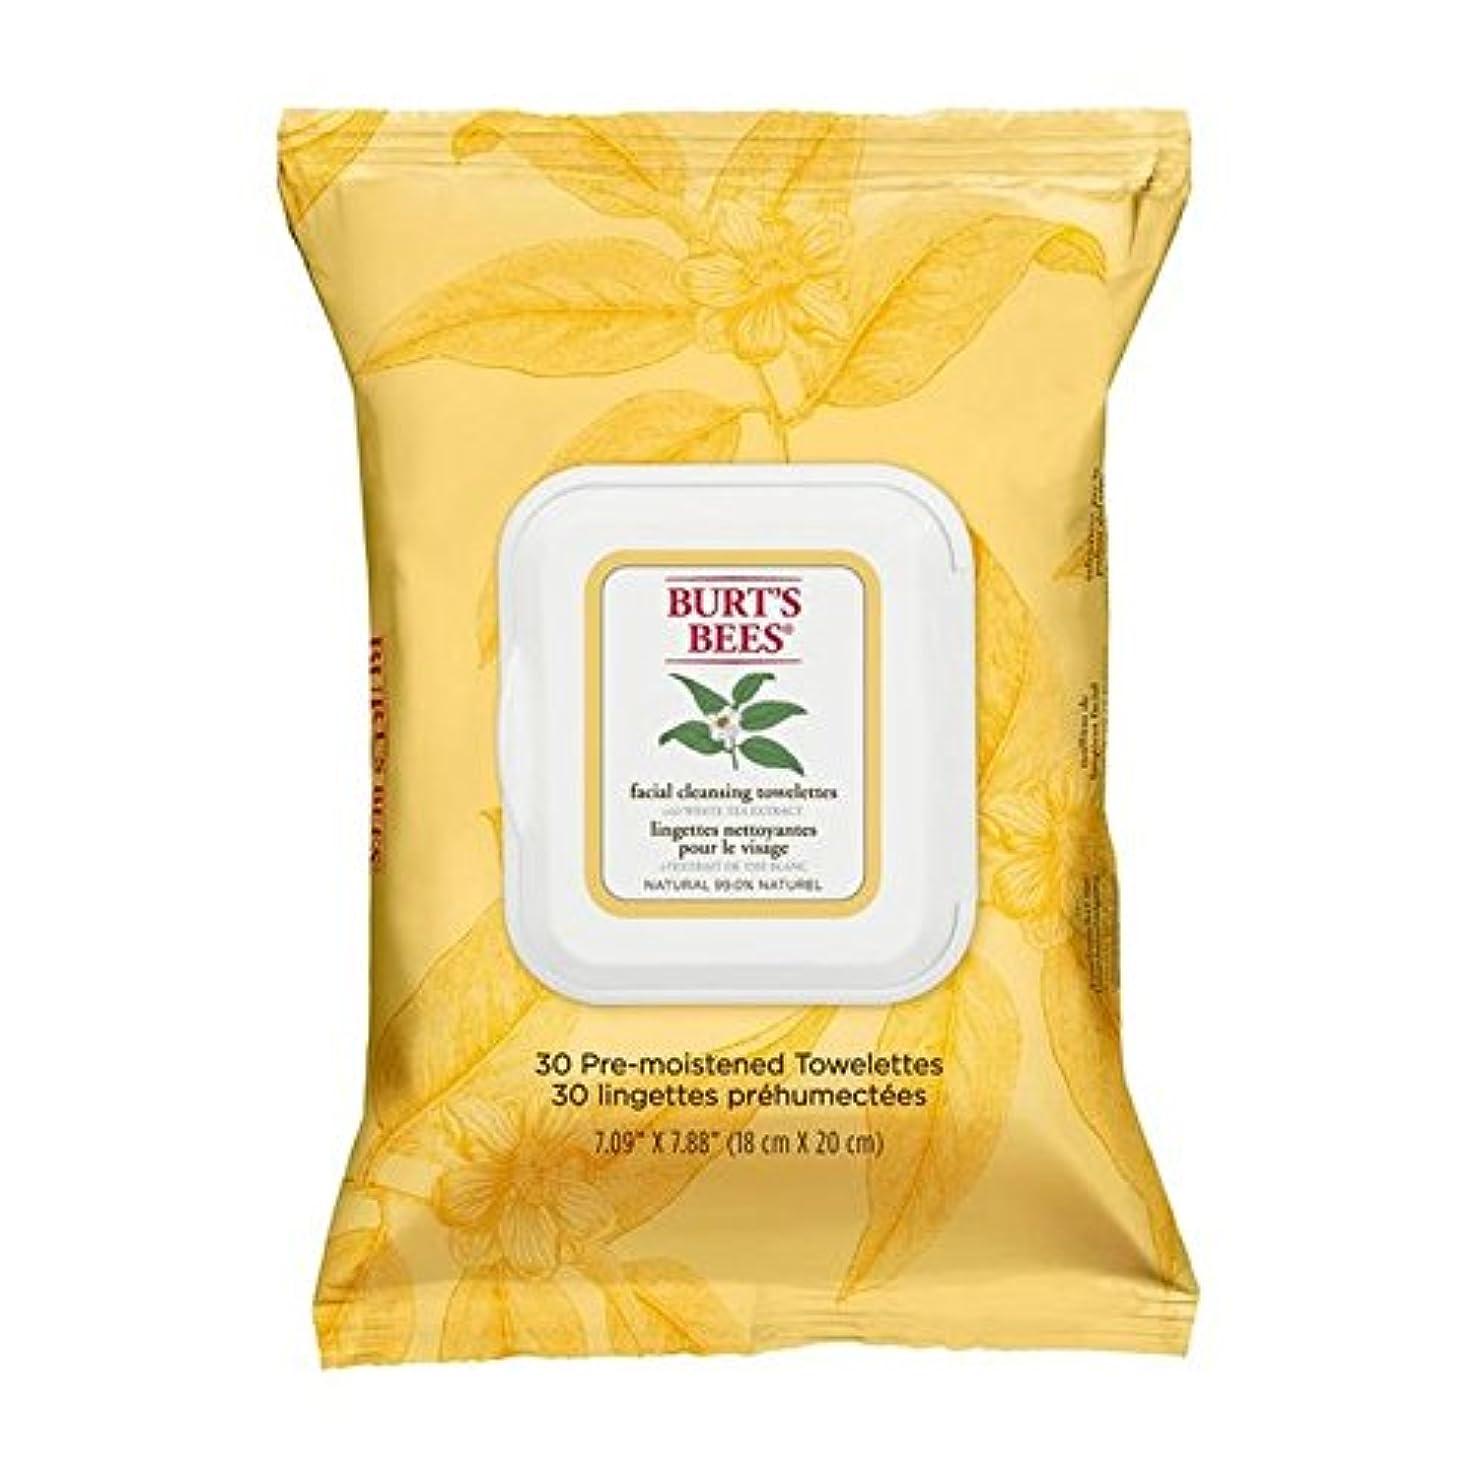 海藻休み打ち負かすホワイトティーエキスとバーツビー洗顔ペーパータオル x2 - Burt's Bees Facial Cleansing Towelettes with White Tea Extract (Pack of 2) [並行輸入品]